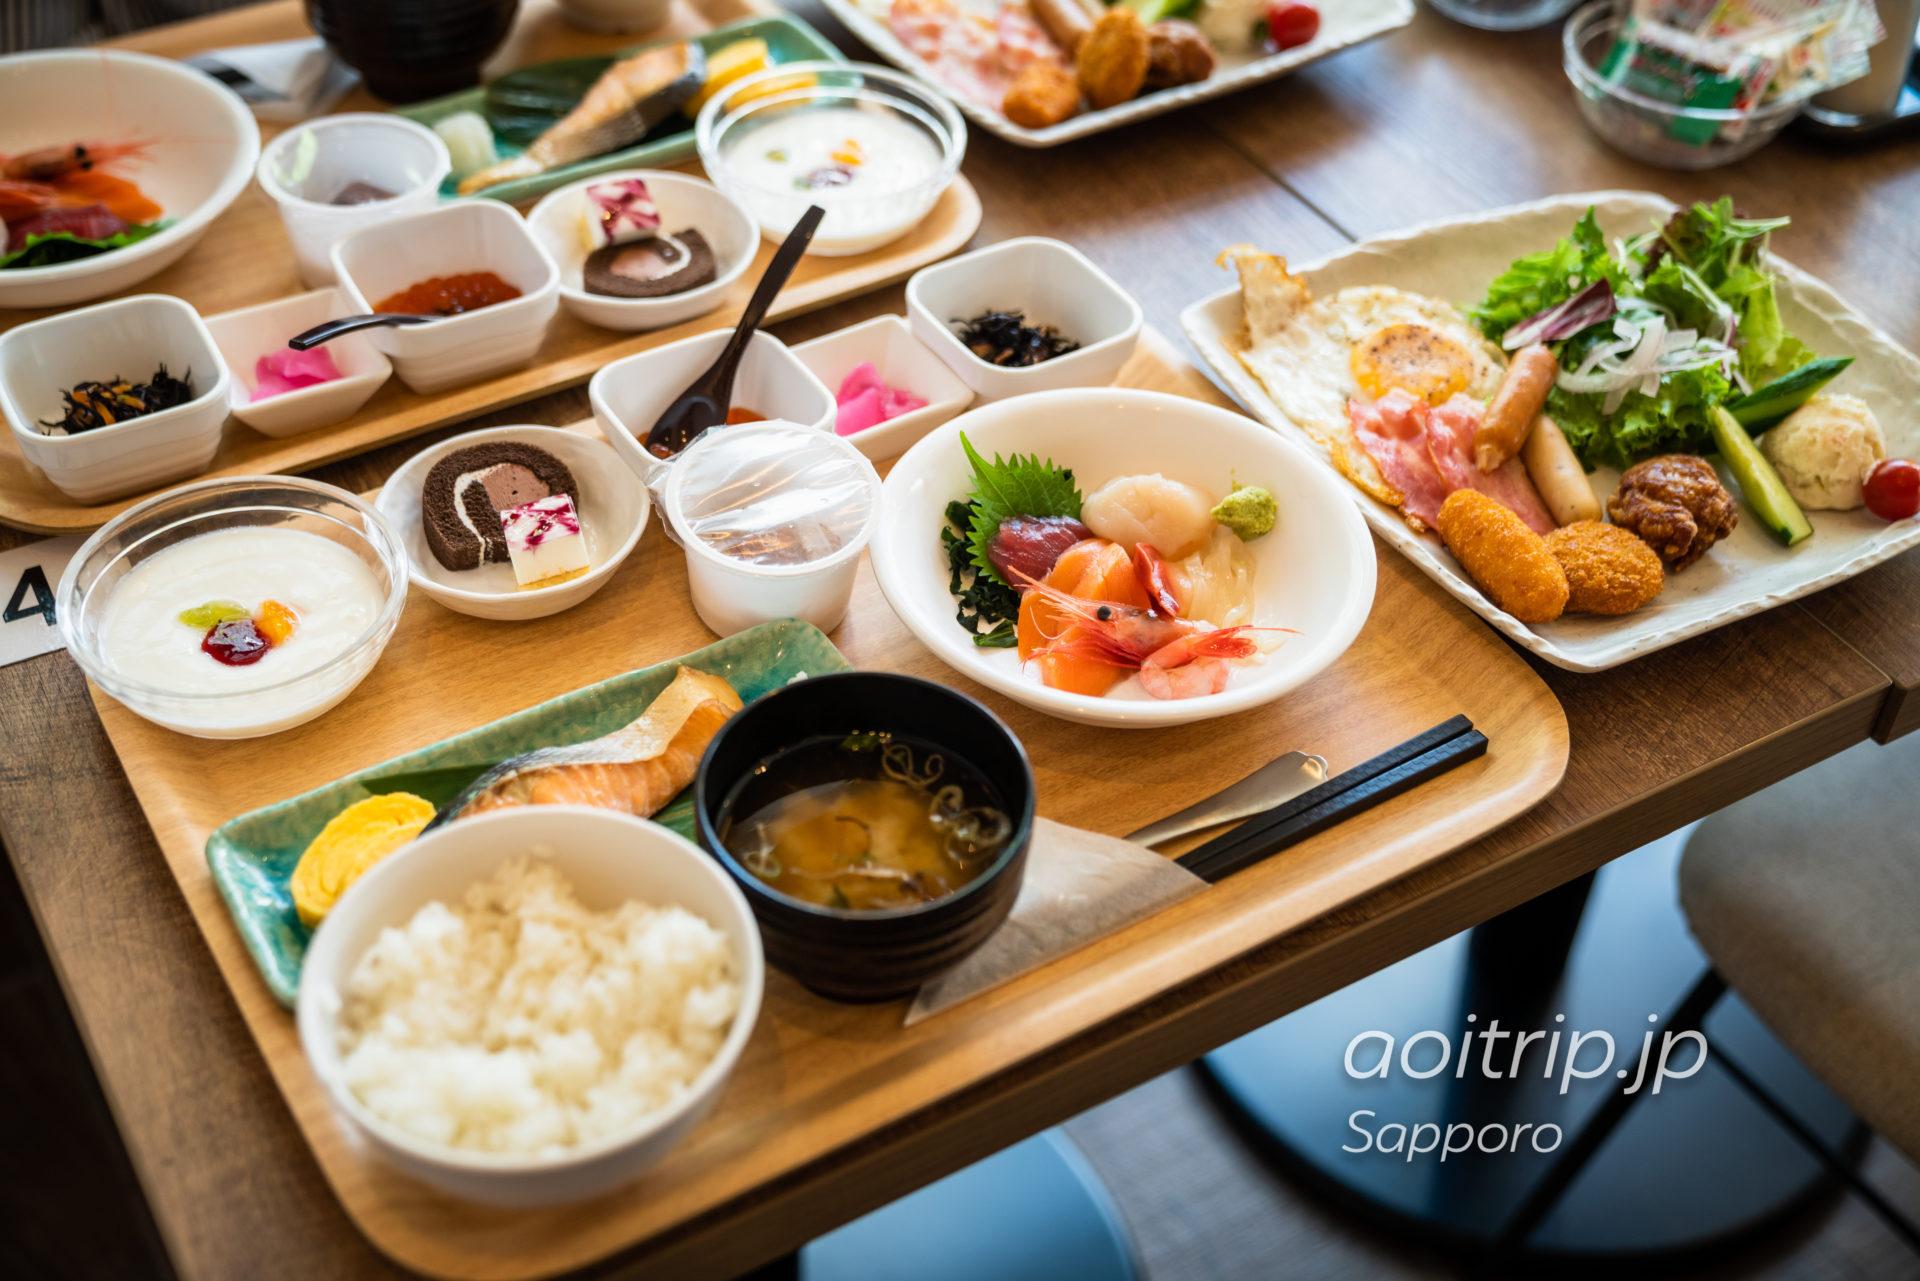 レンブラントスタイル札幌の朝食